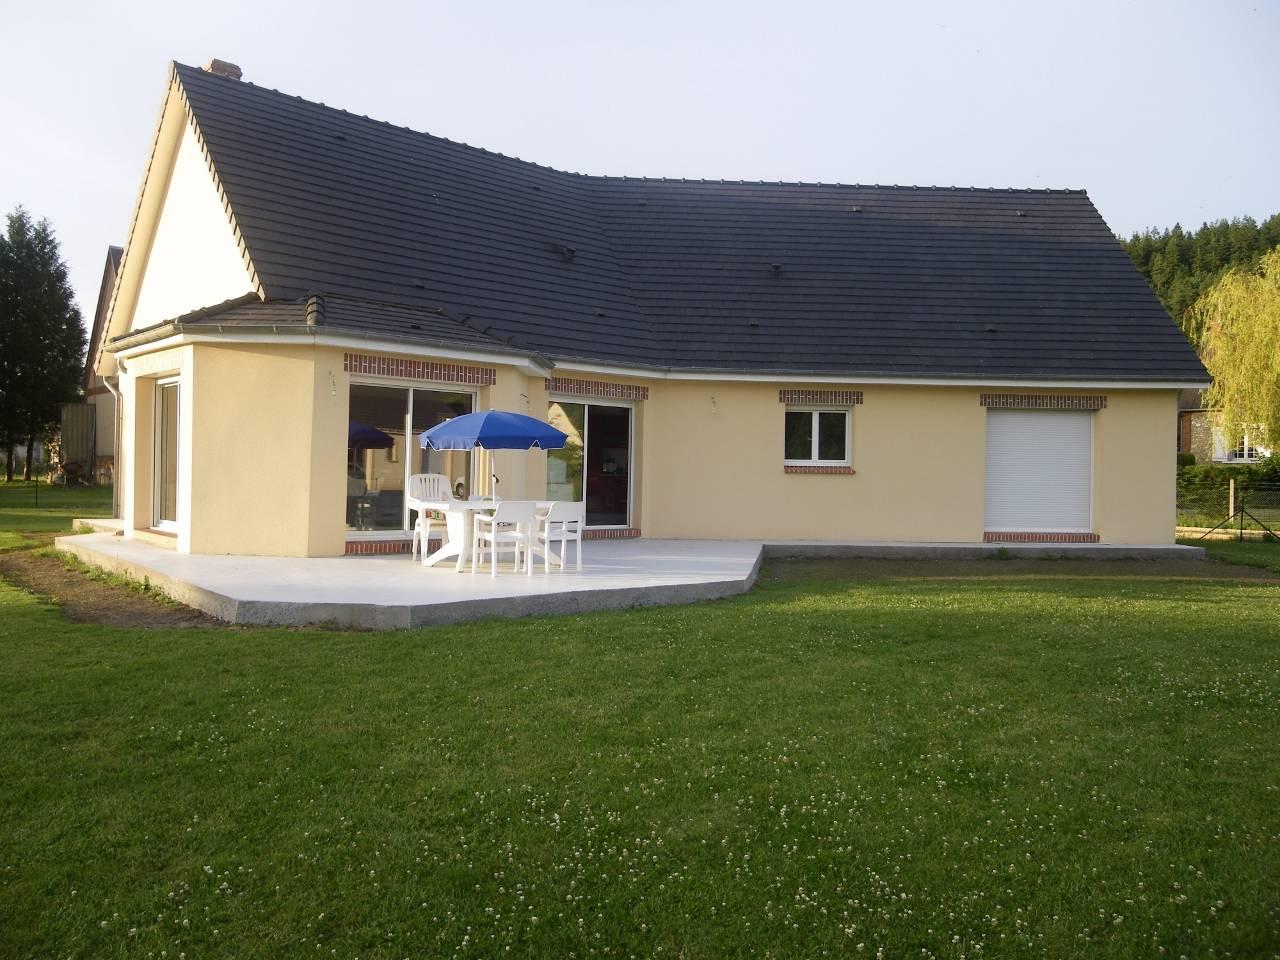 Maison à louer : L'avantage des maisons de vacances en location